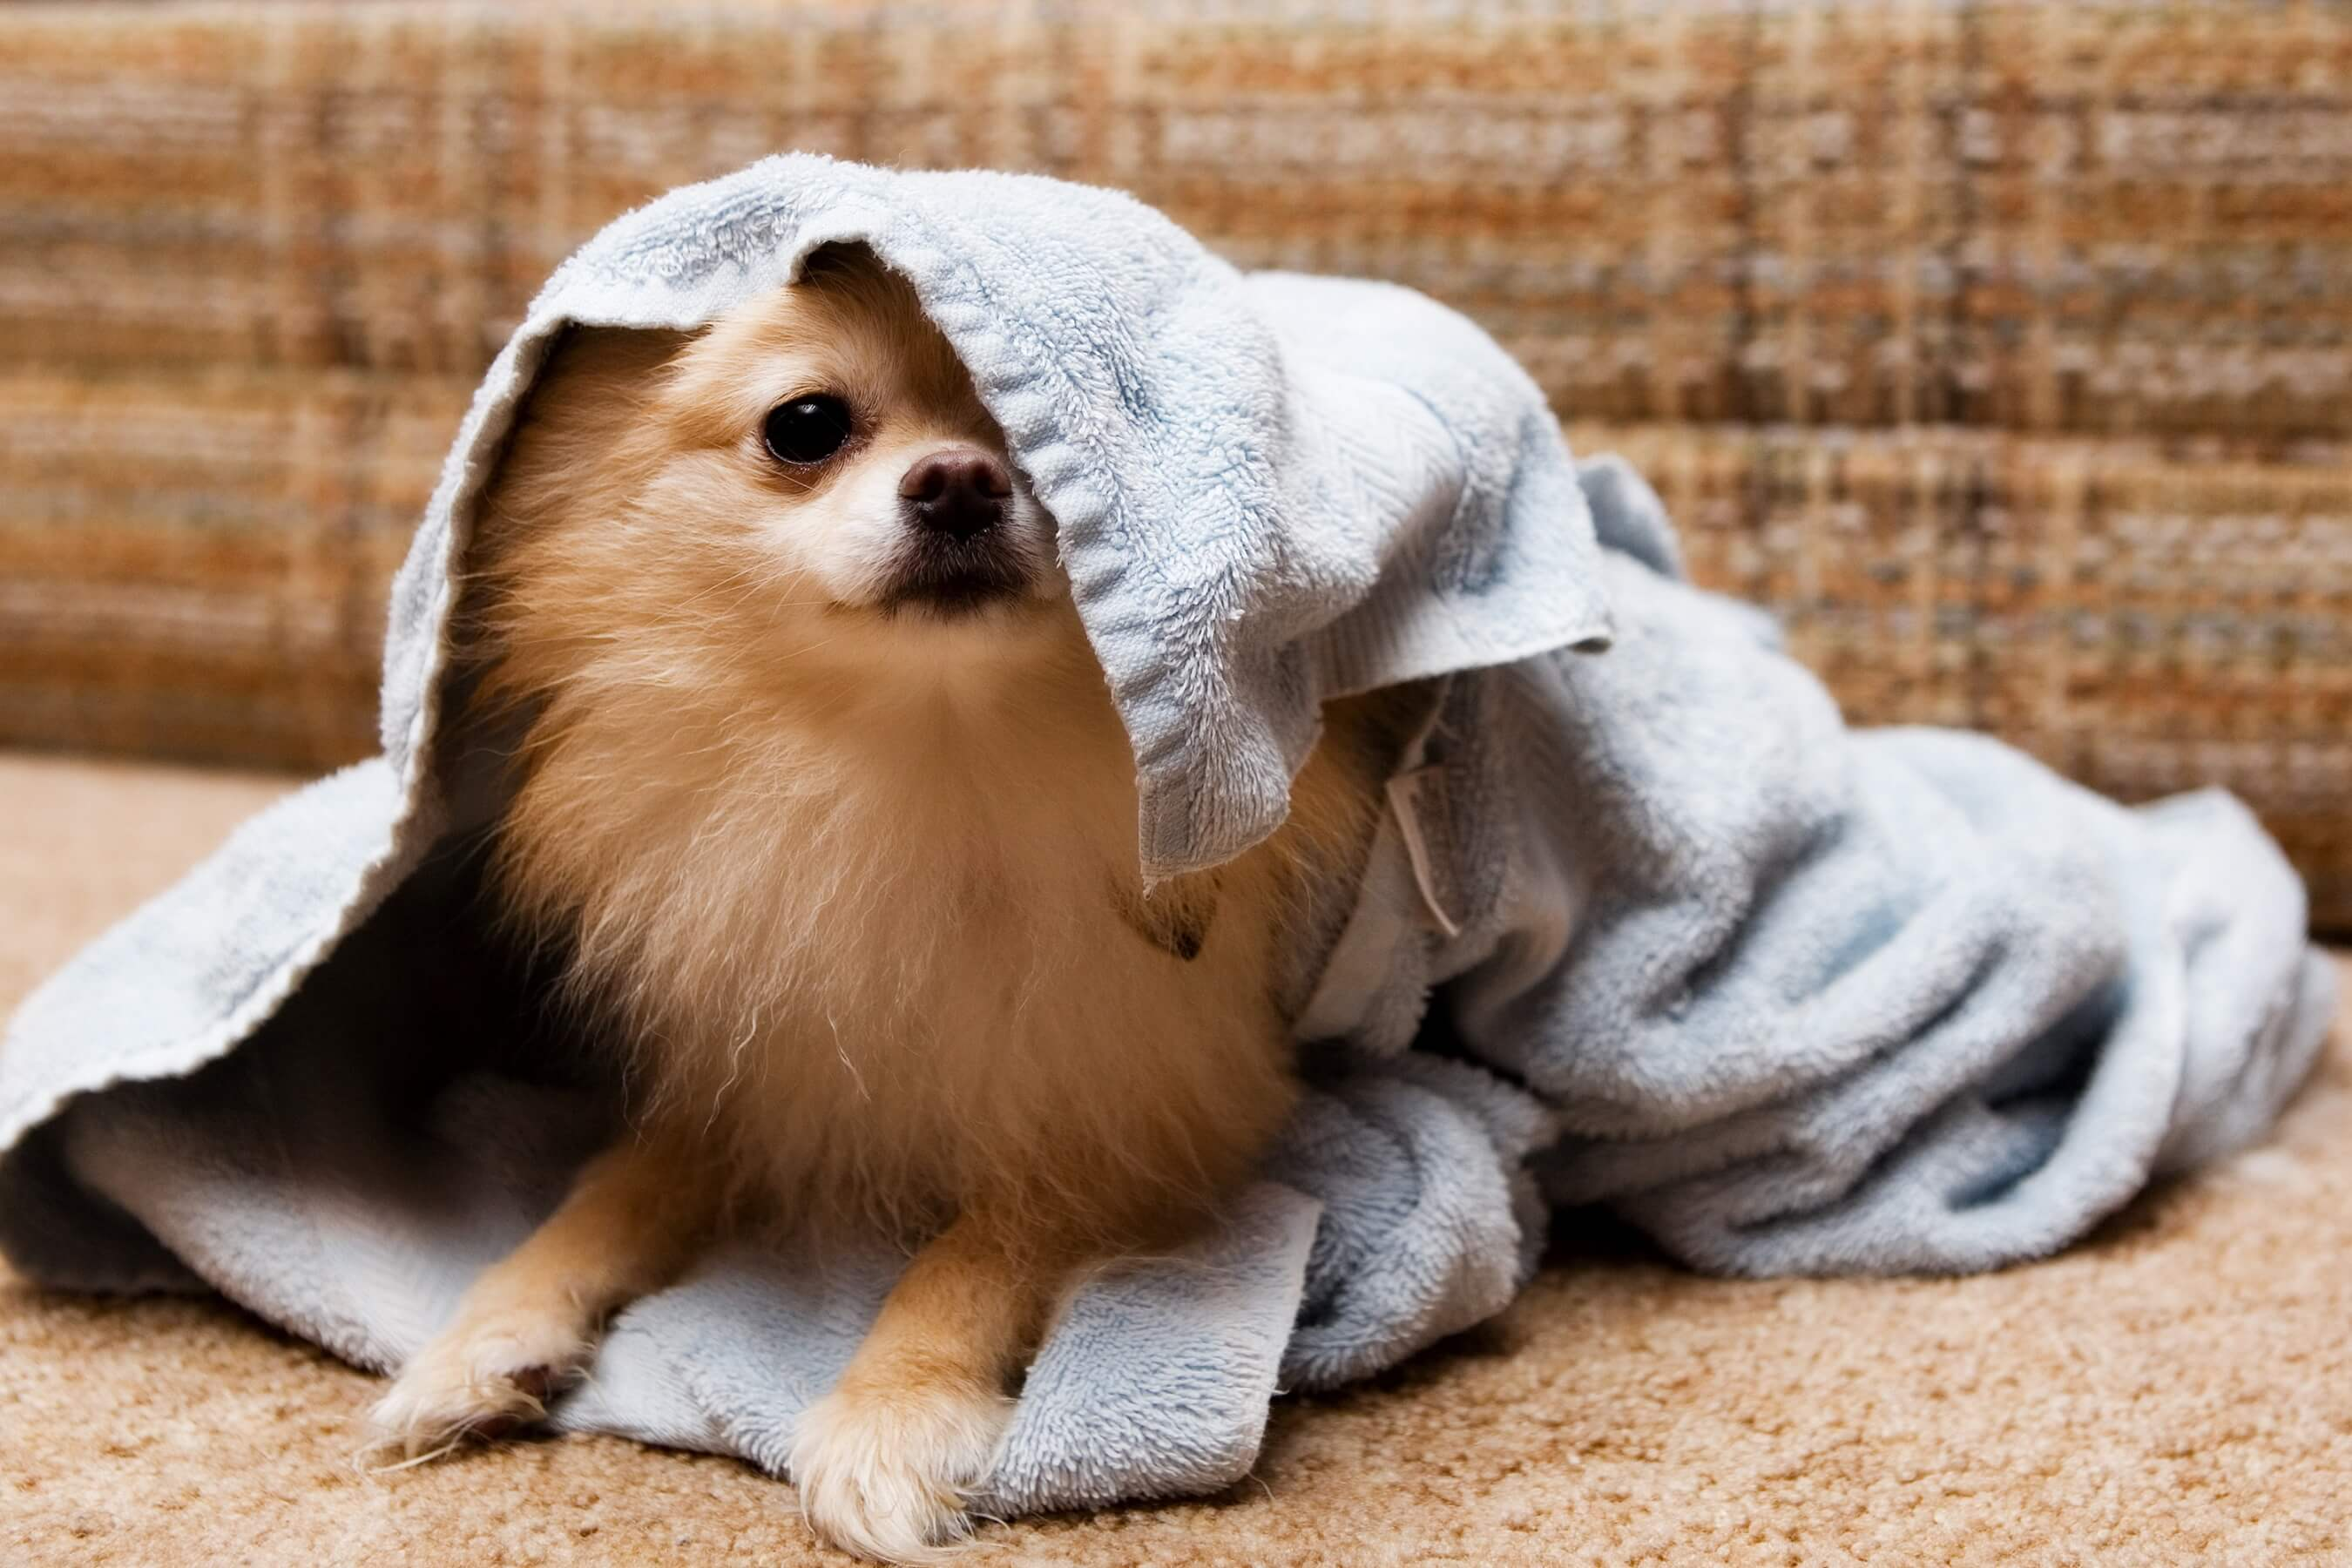 Hund wird nach dem Bad mit einem Handtuch abgetrocknet